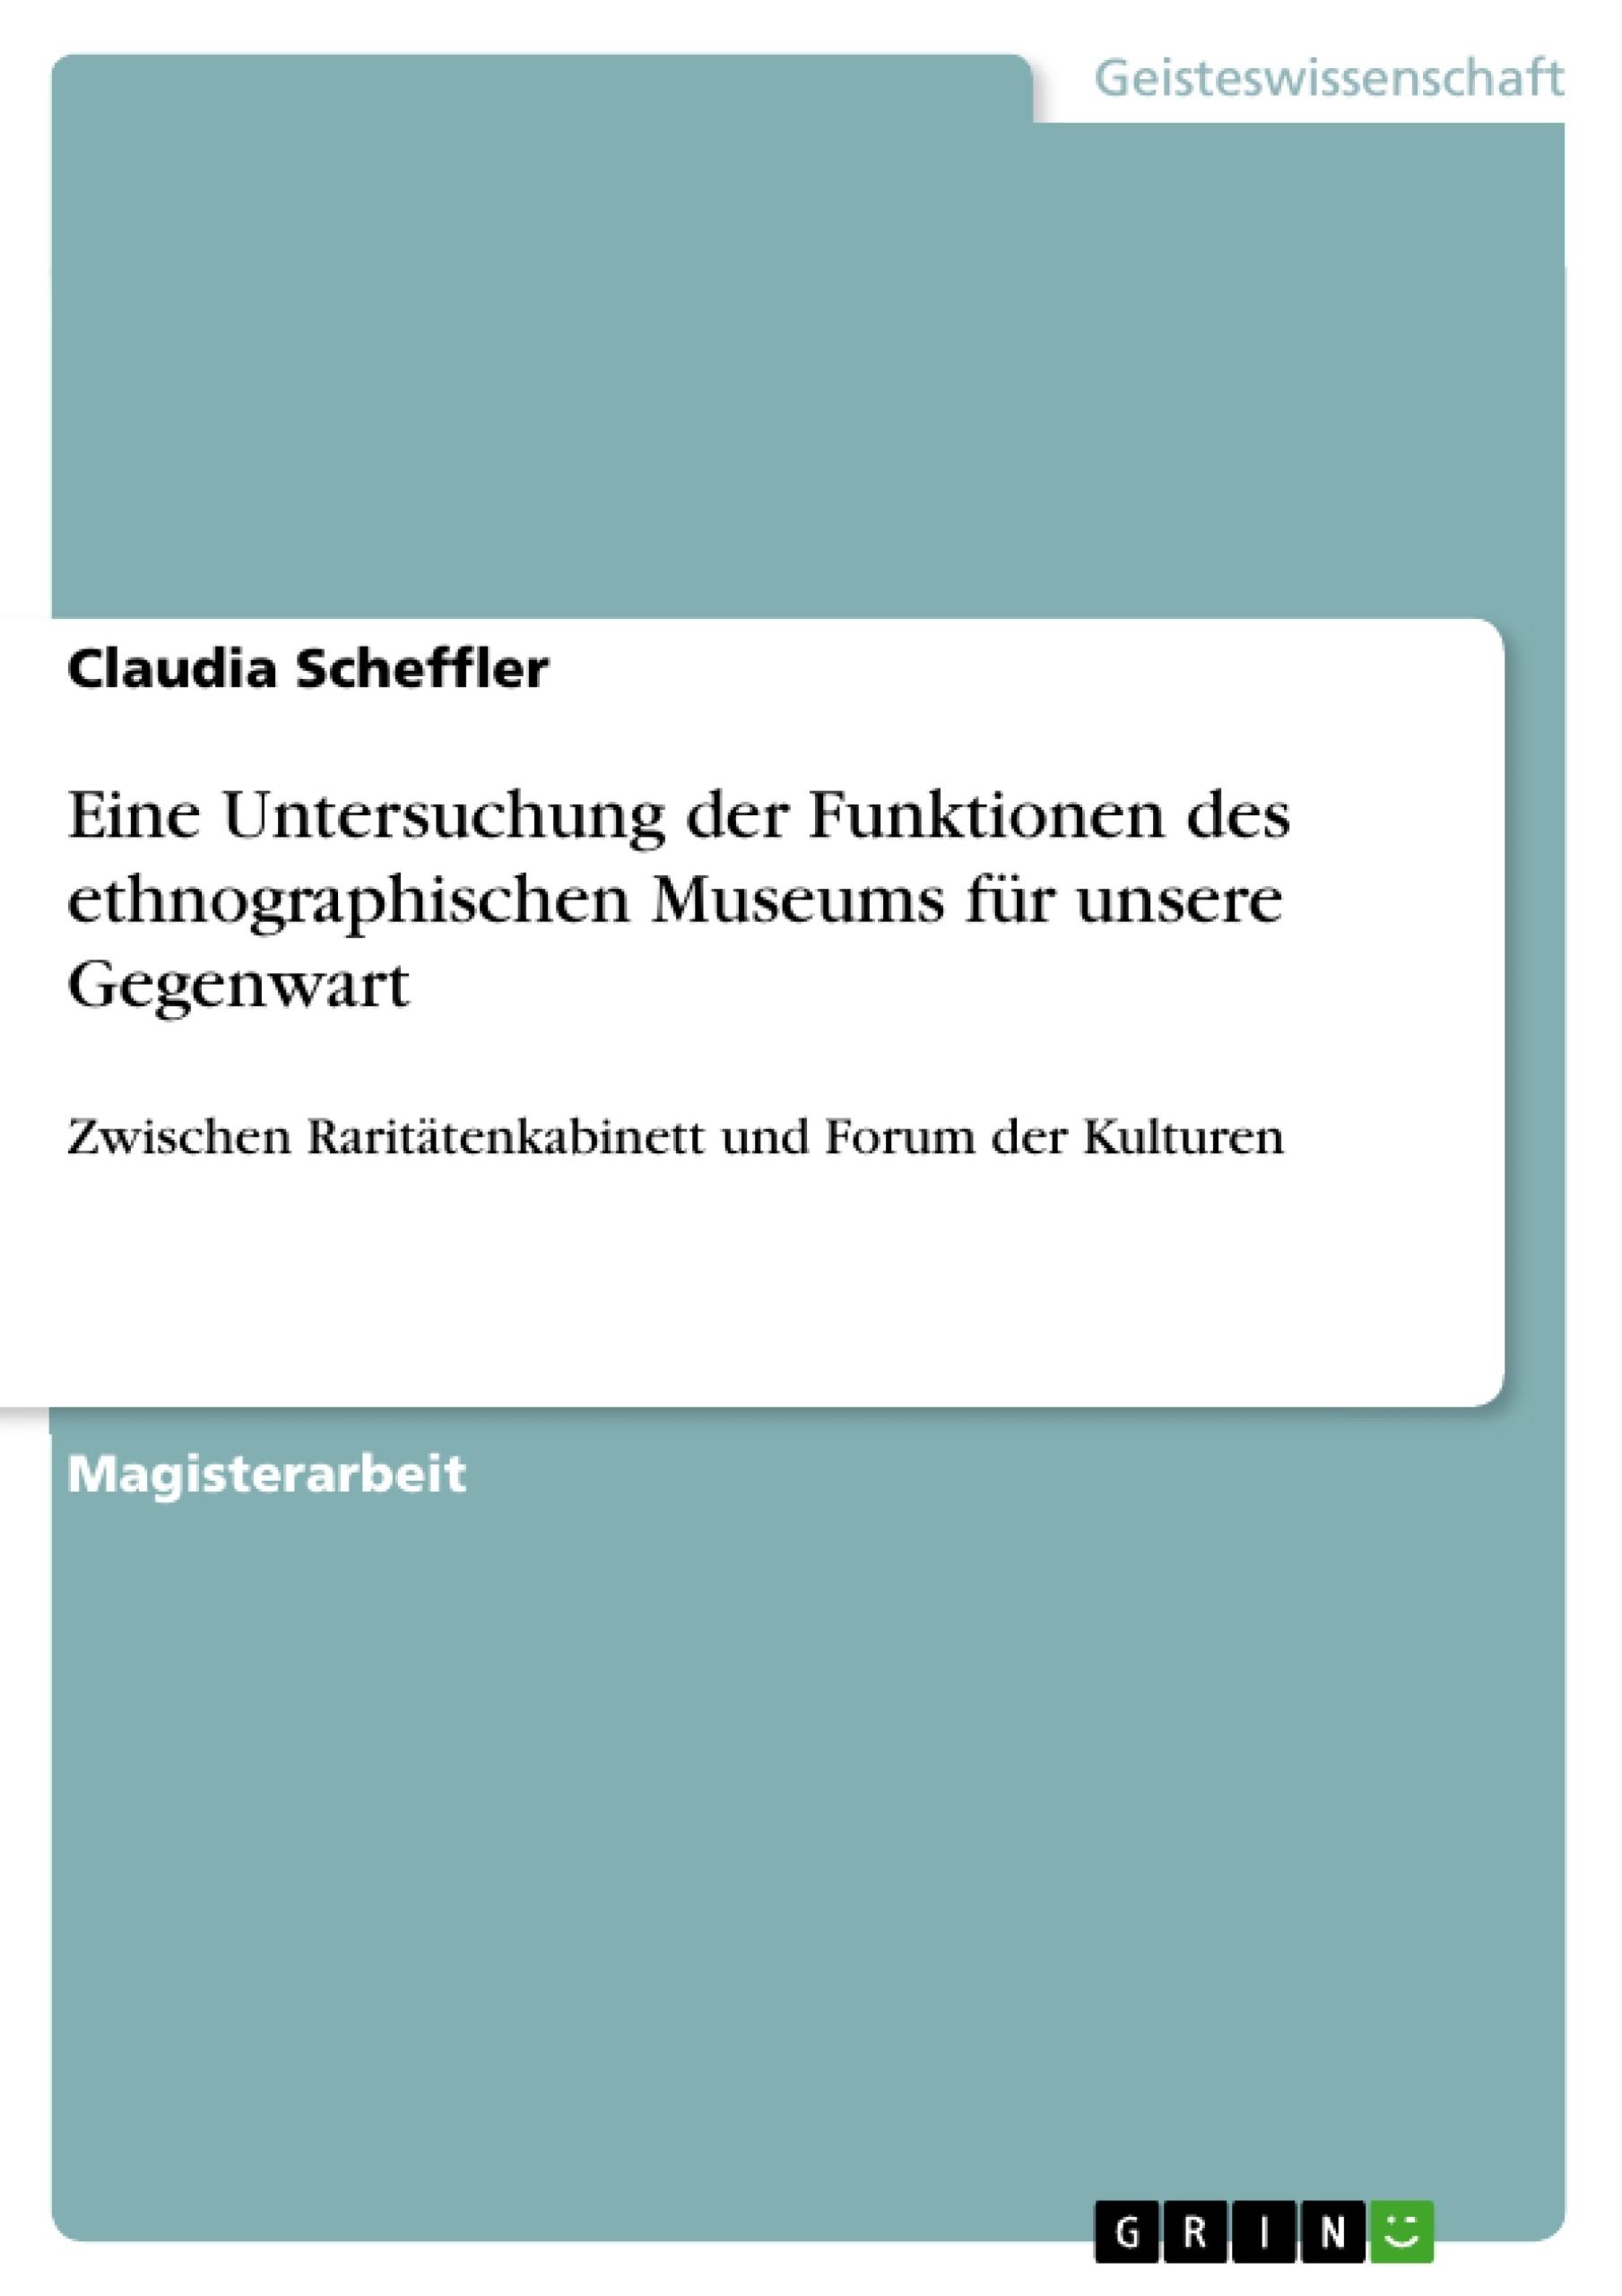 Eine Untersuchung der Funktionen des ethnographischen Museums   GRIN